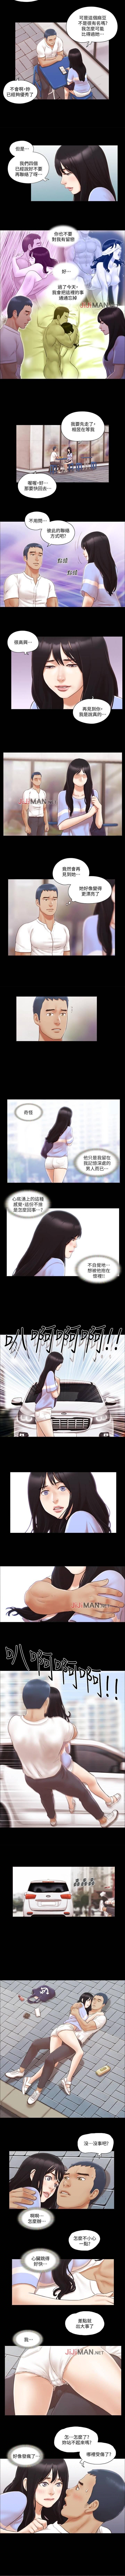 【周五连载】协议换爱(作者:遠德) 第1~57话 64